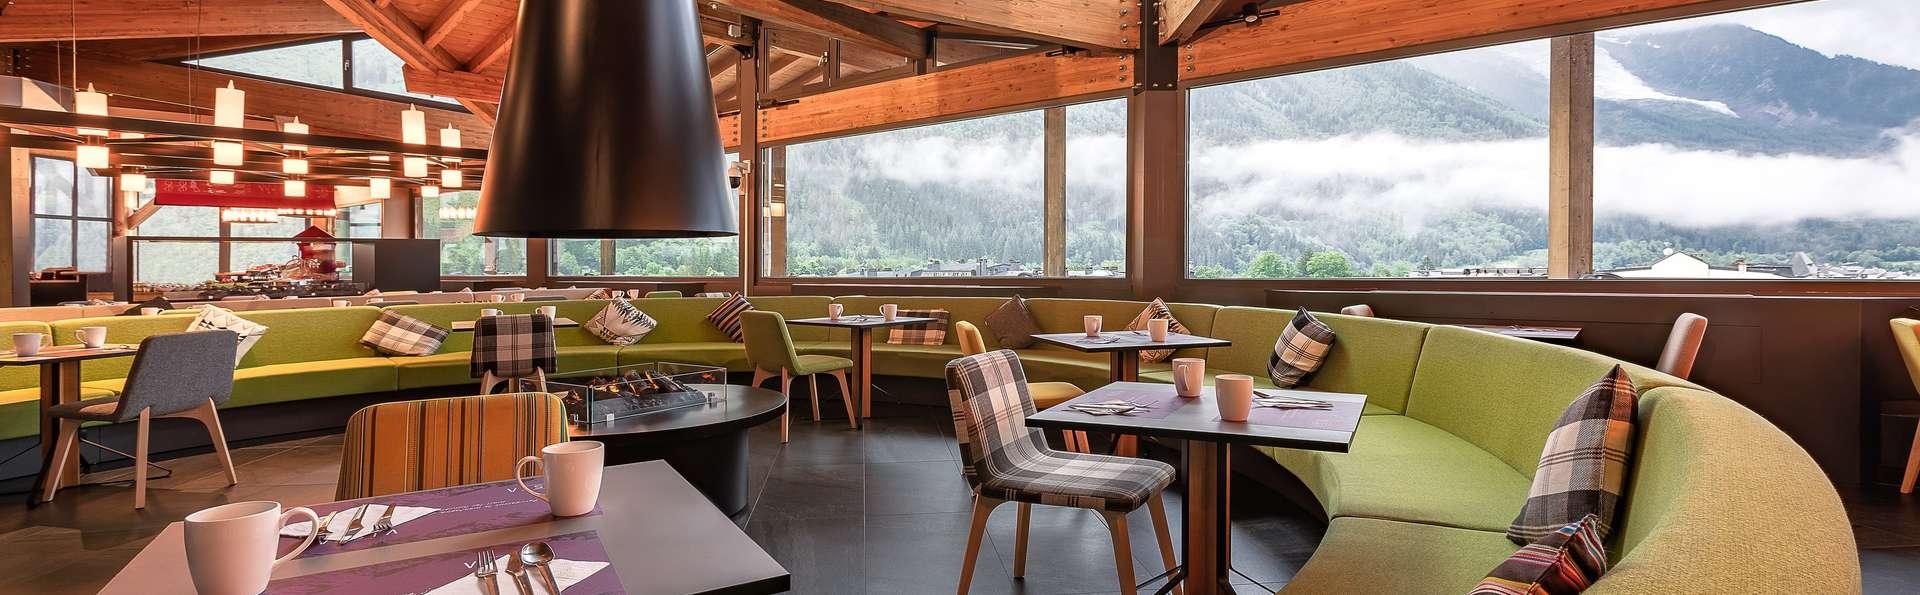 Dîner et détente en famille avec vue sur le Mont Blanc, à Chamonix